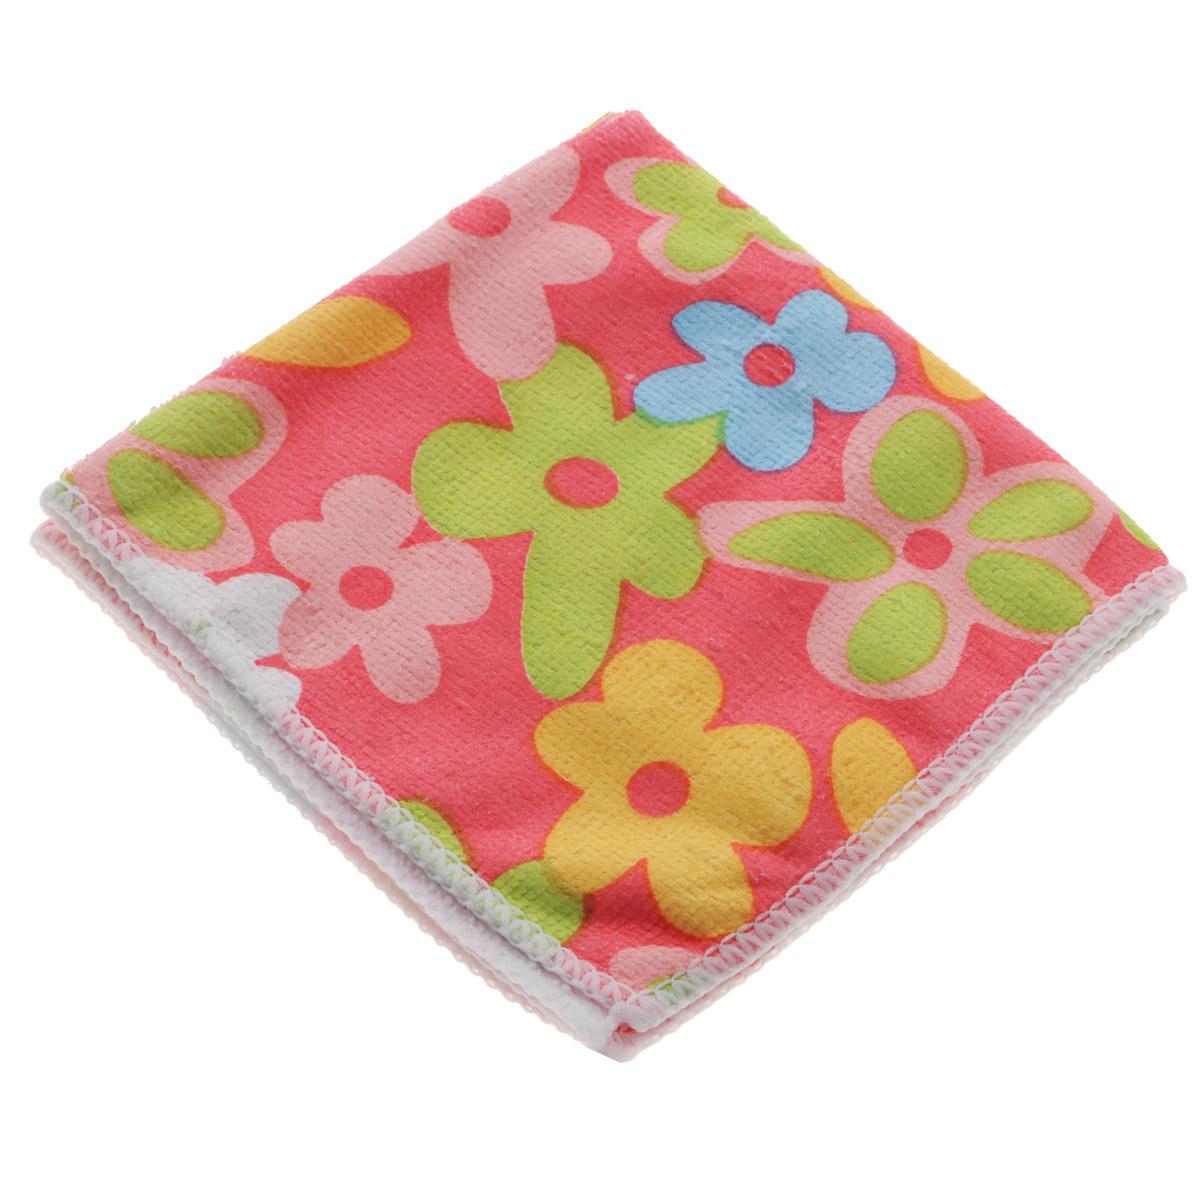 Салфетка для уборки Youll Love Цветы, цвет: розовый, 30 см х 30 см10503Салфетка Youll Love Цветы, изготовленная из 20% полиамида и 80% полиэфира, предназначена для очищения загрязнений на любых поверхностях. Изделие обладает высокой износоустойчивостью и рассчитано на многократное использование, легко моется в теплой воде с мягкими чистящими средствами. Супервпитывающая салфетка не оставляет разводов и ворсинок, удаляет большинство жирных и маслянистых загрязнений без использования химических средств.Размер: 30 см х 30 см.